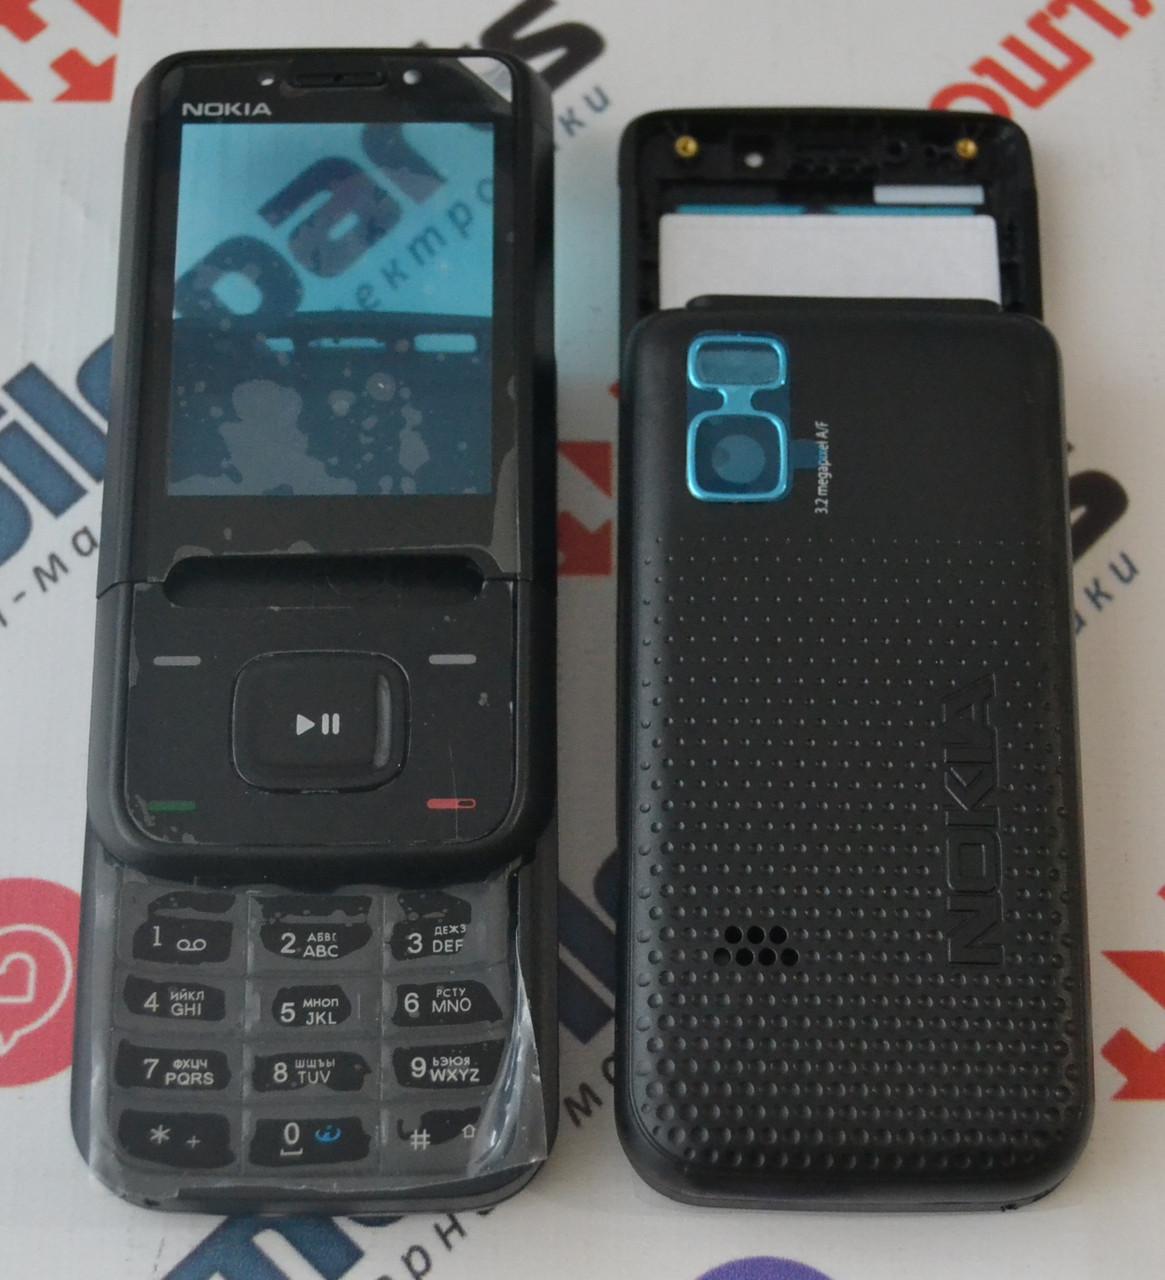 441ddaec5cfc Корпус для Телефона Nokia 5610 XpressMusic в Сборе (Качество ААА) (Черный)  Распродажа! — в Категории